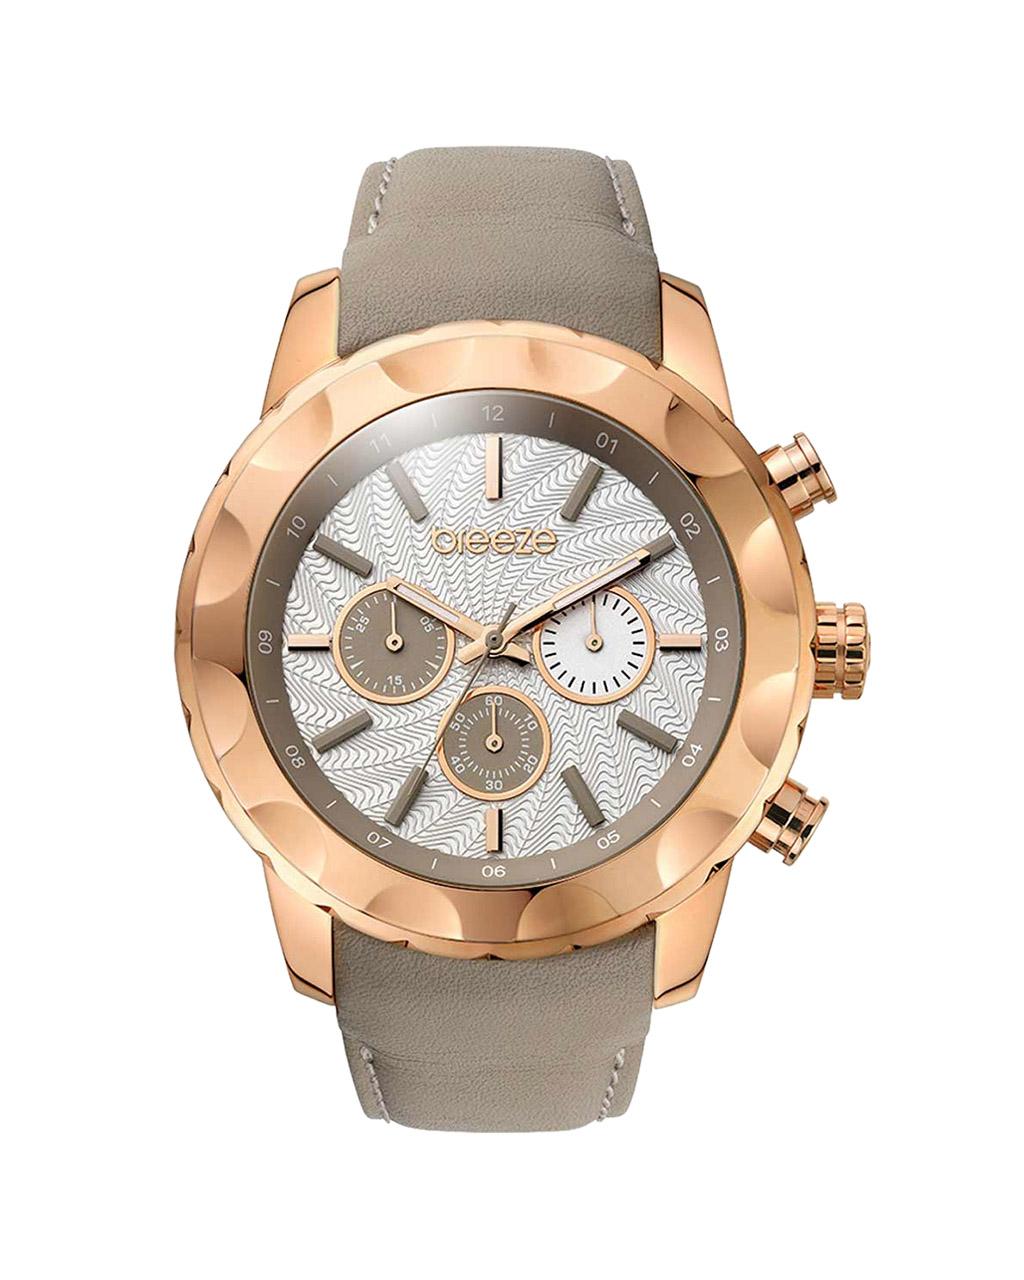 Ρολόι BREEZE Midtown Cocktail Grey Leather Strap 110261.7   προσφορεσ ρολόγια ρολόγια από 100 έως 300ε